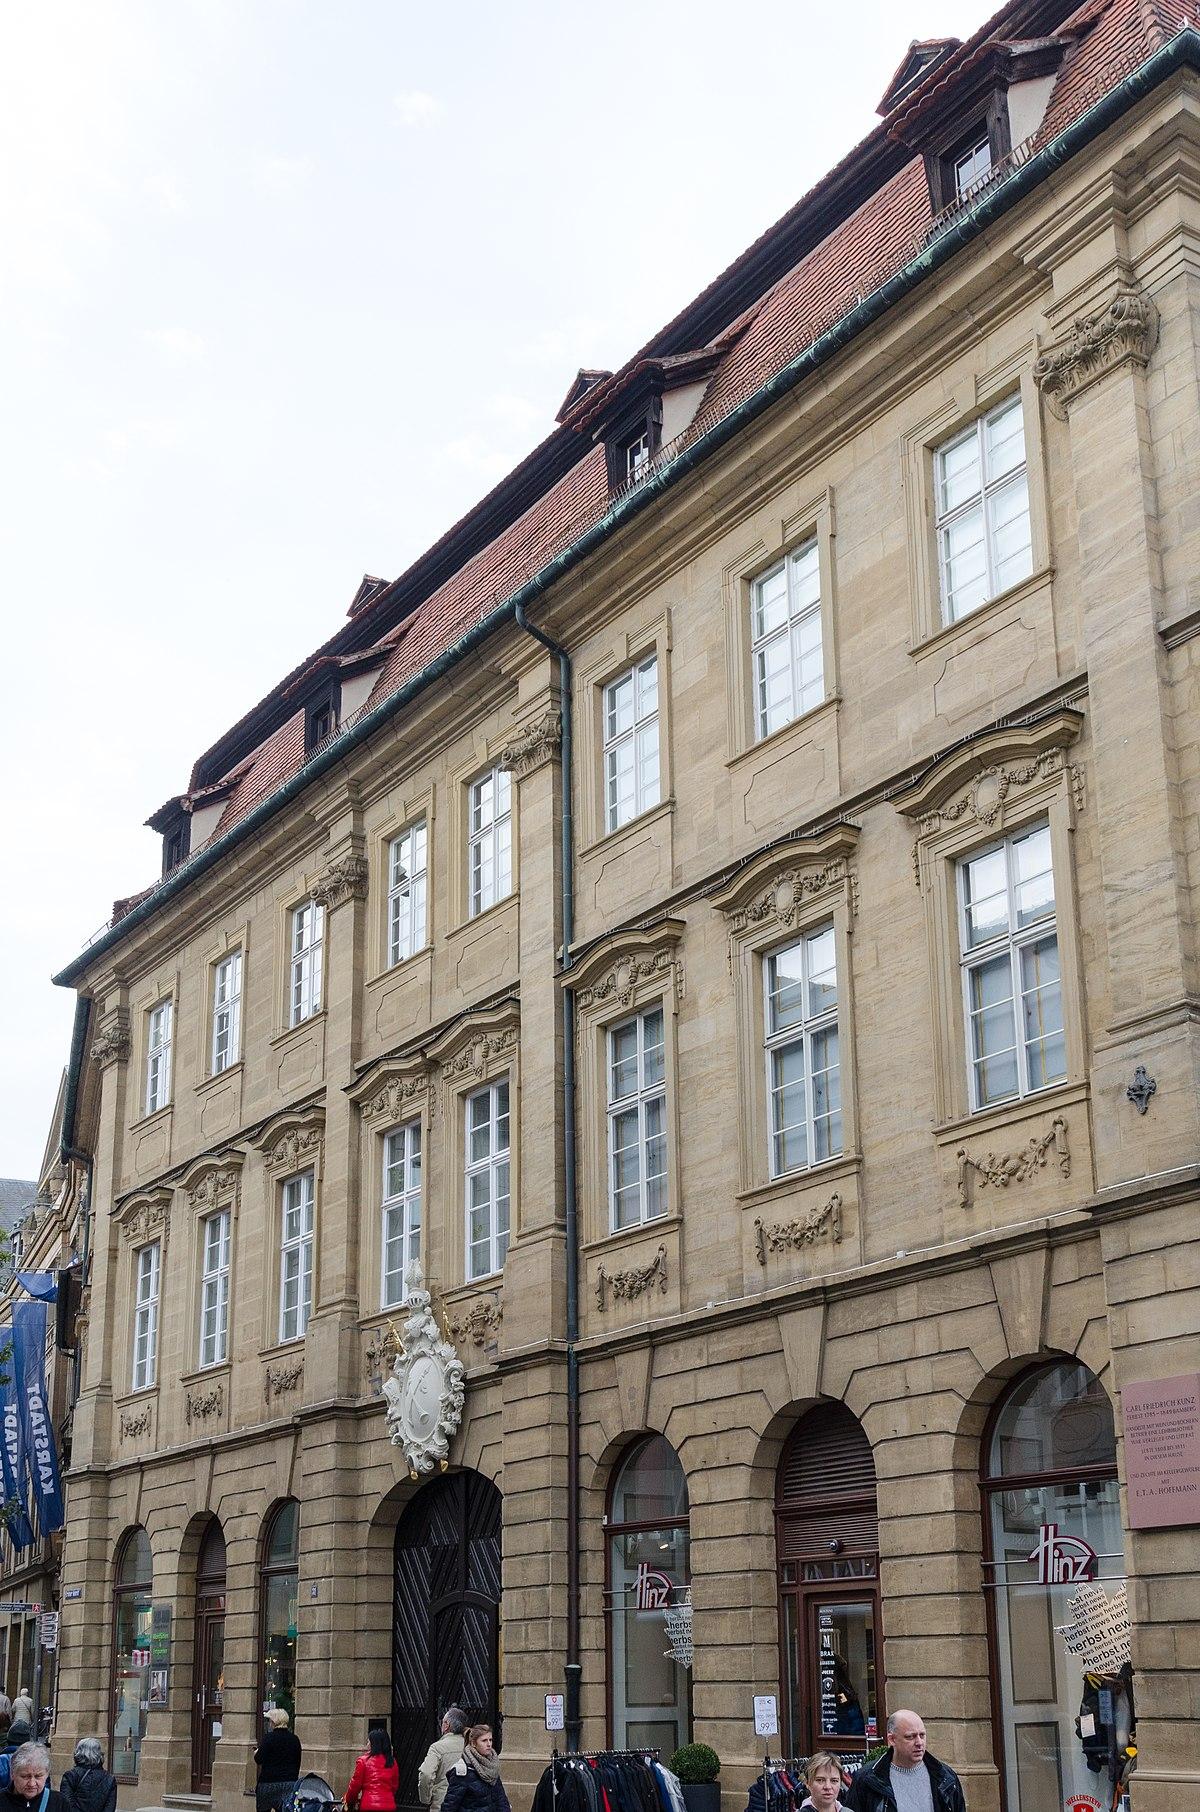 File:Bamberg, Grüner Markt 31, 20151019-001.jpg